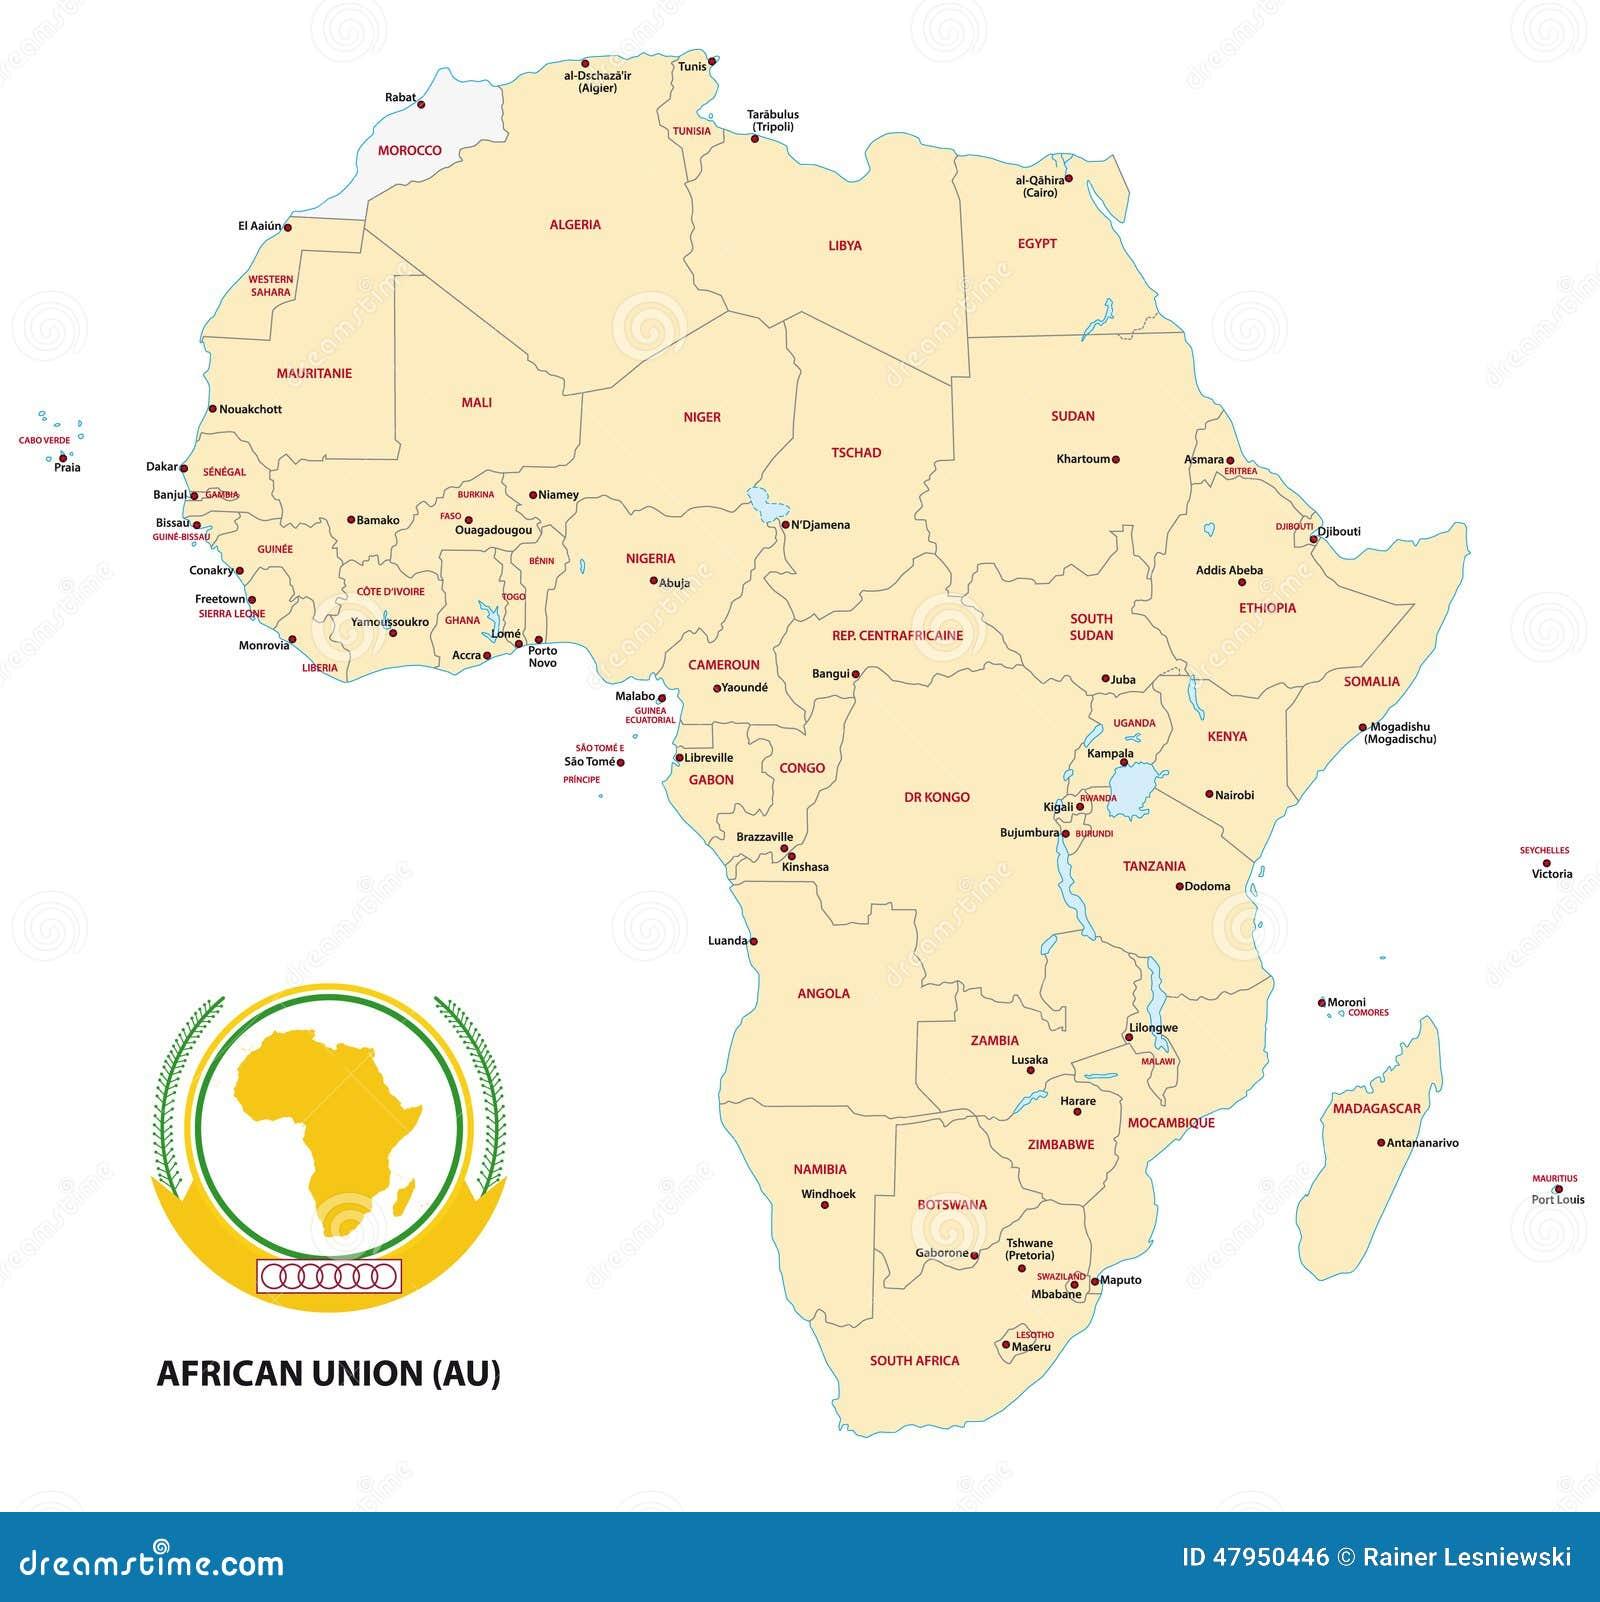 Carte Union Africaine.Carte De L Afrique Union Africaine Illustration De Vecteur